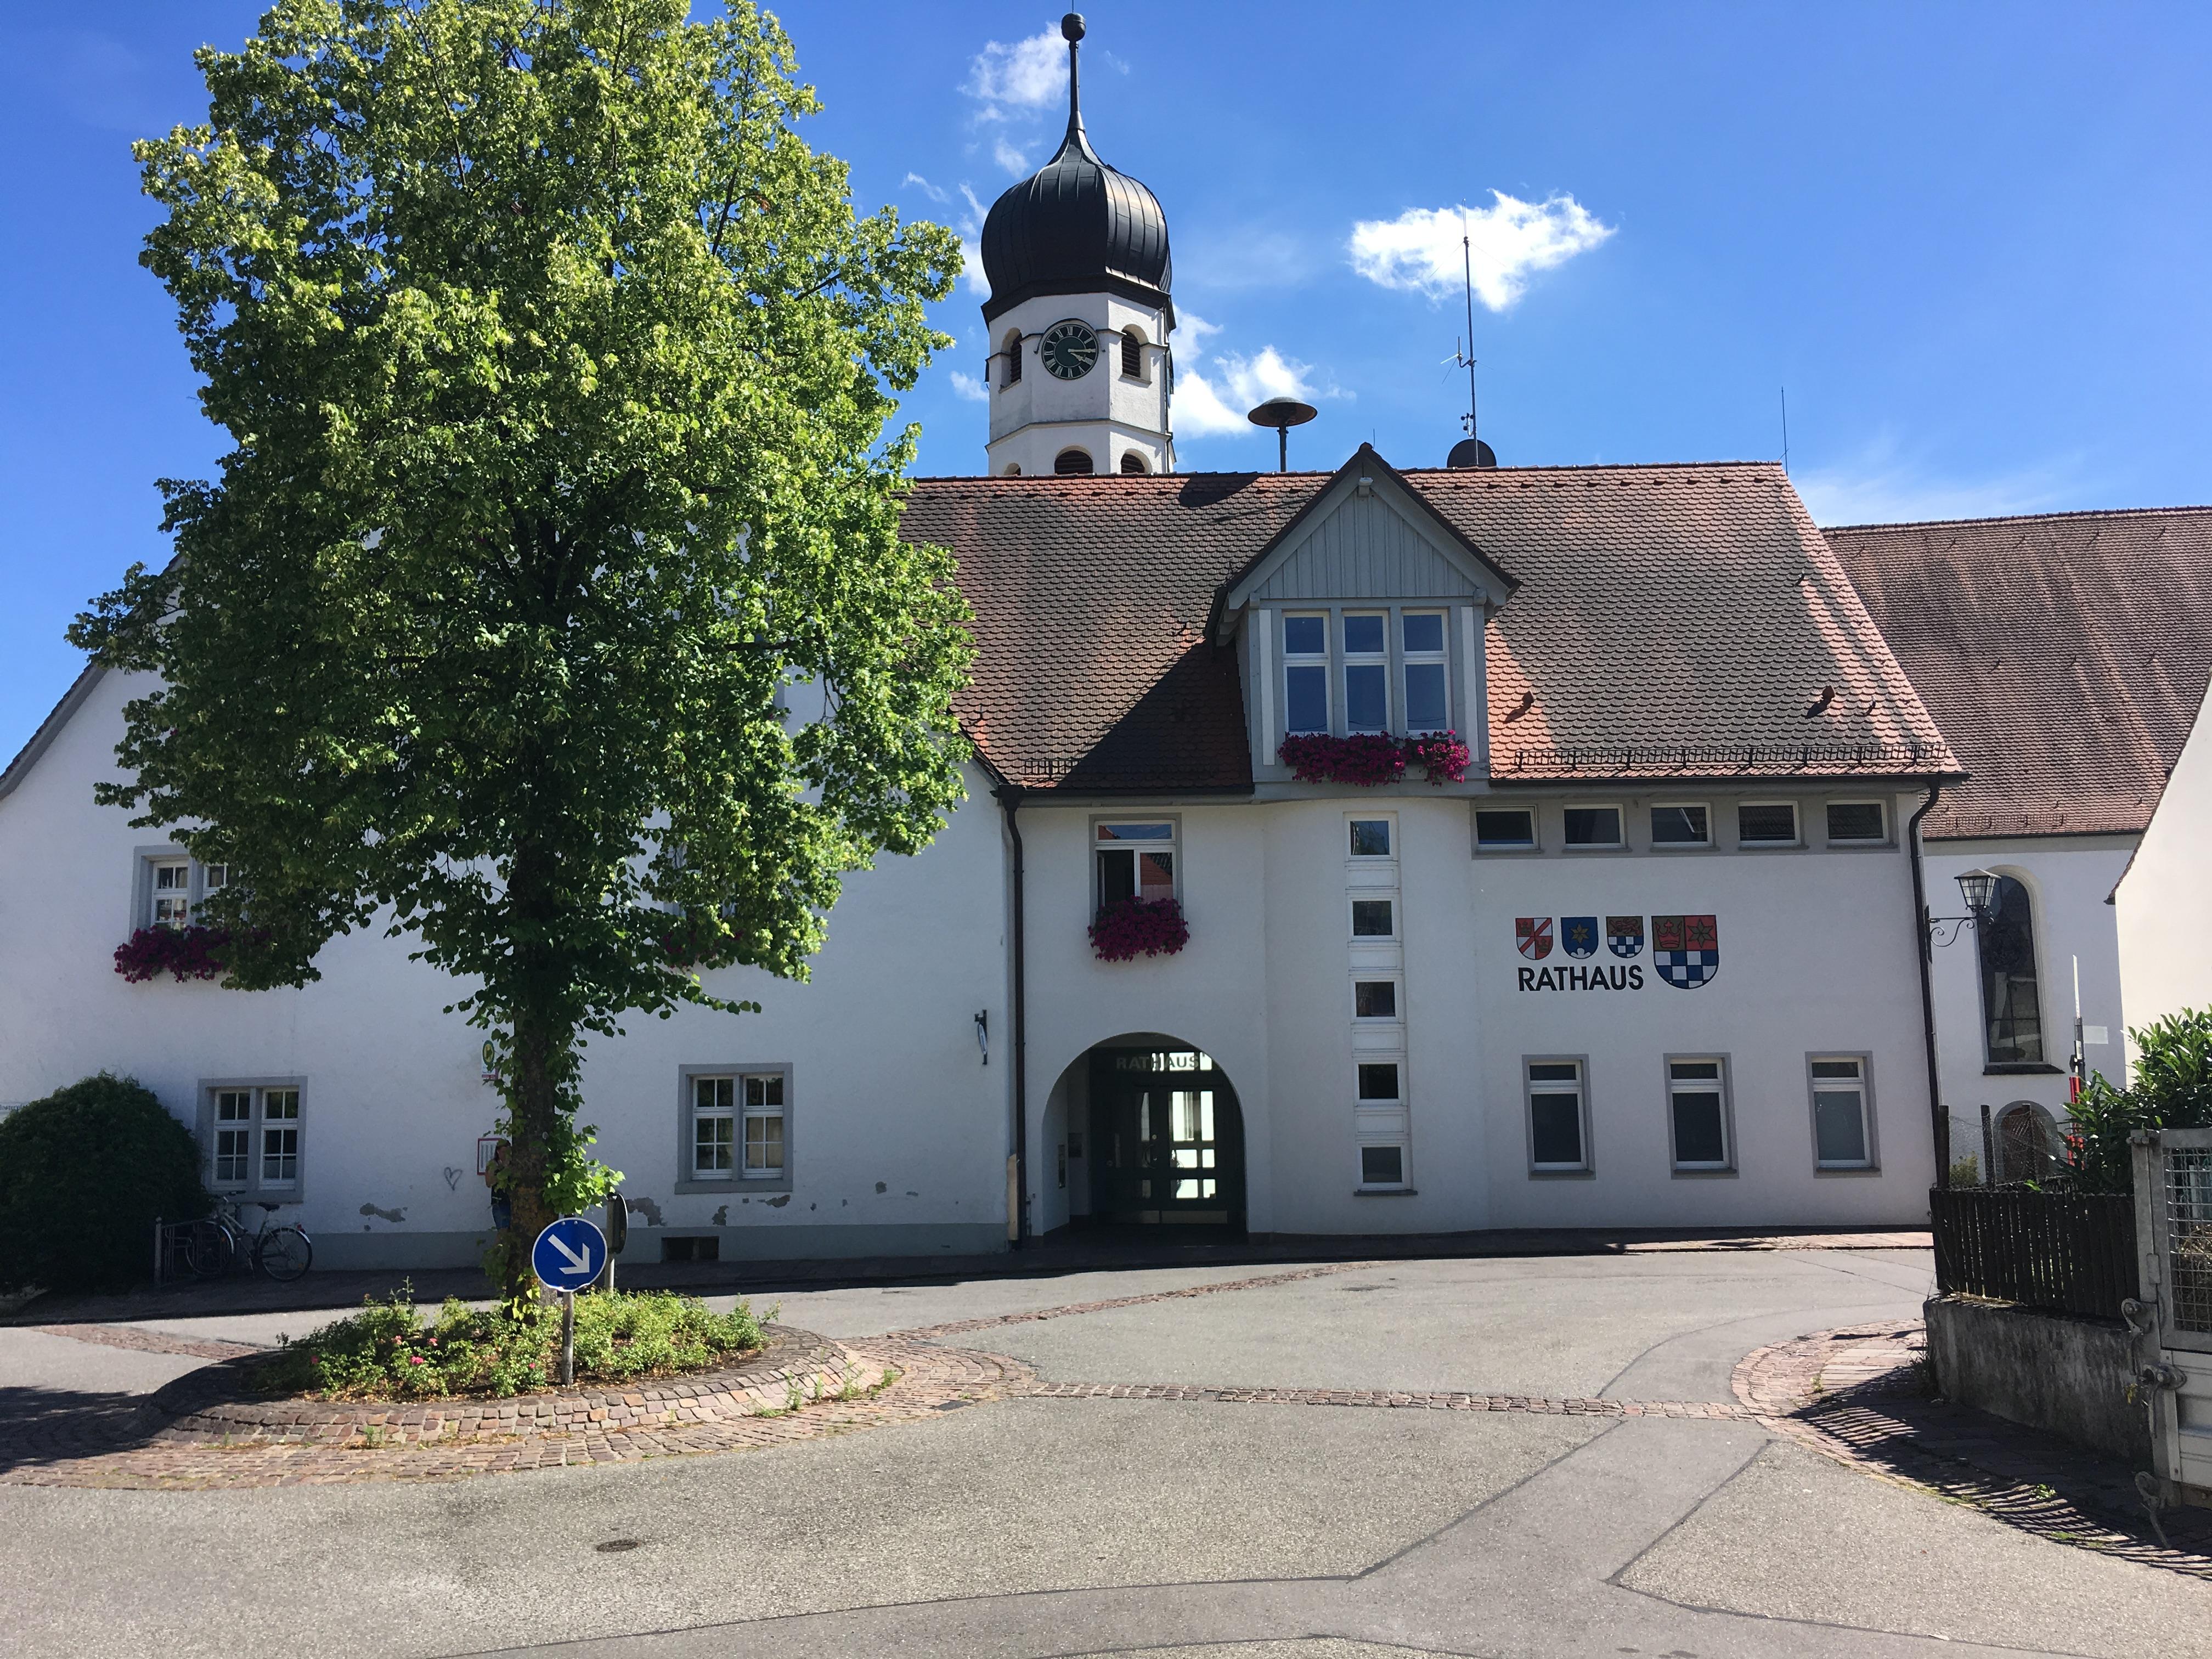 Rathaus Öhningen